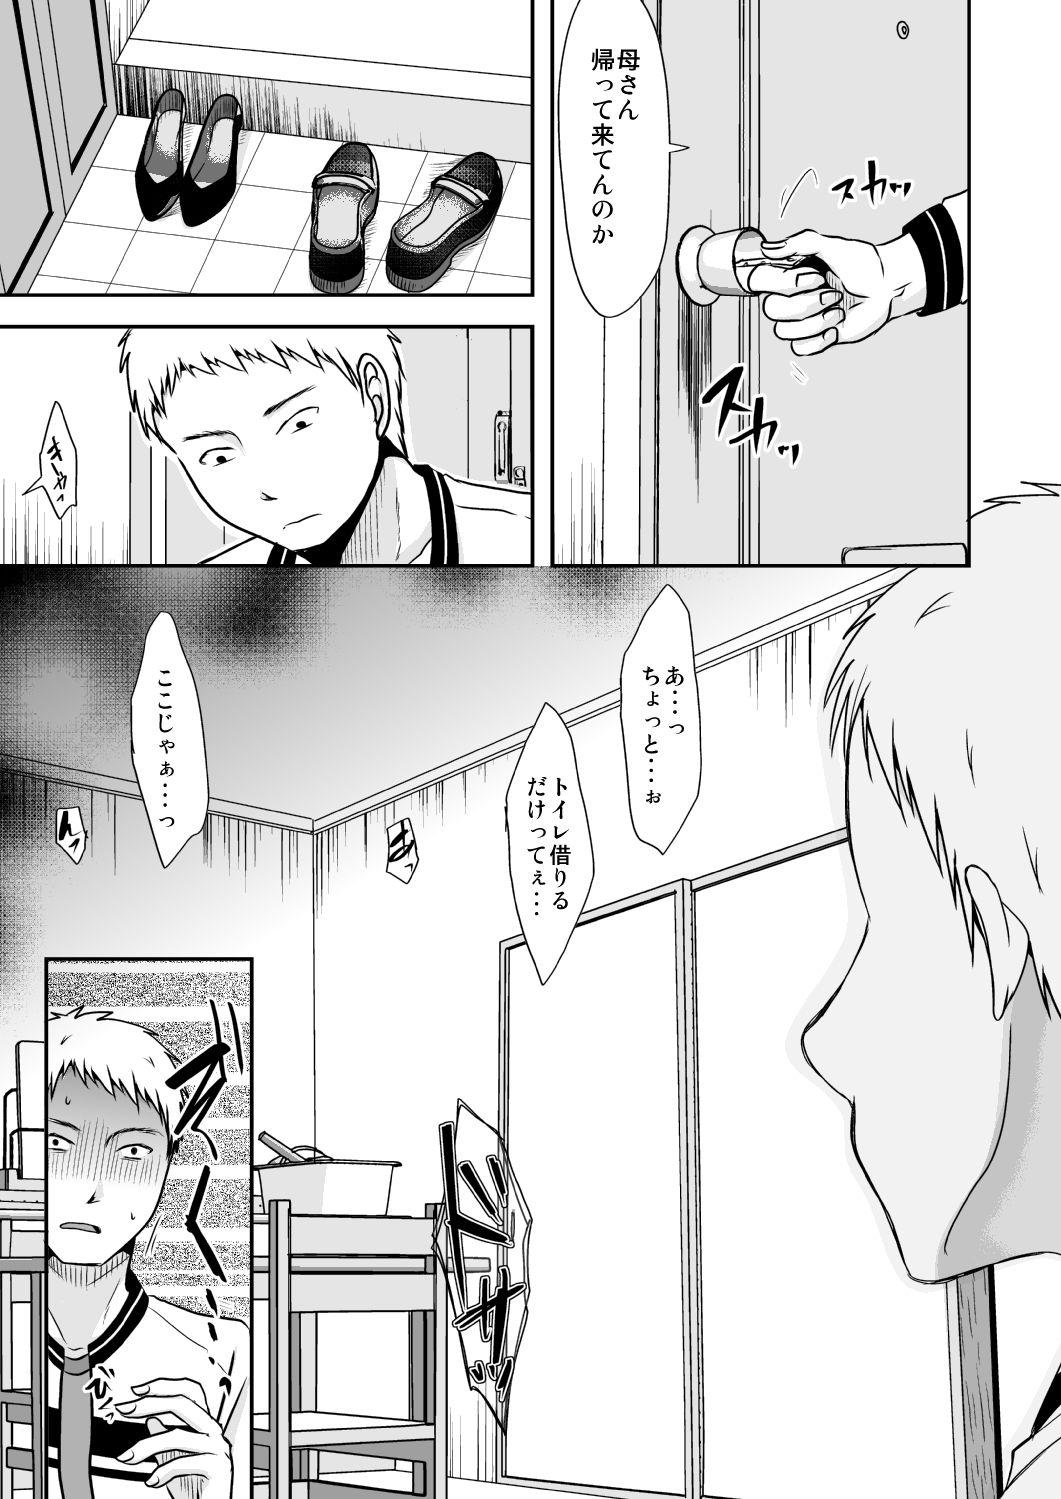 【エロ漫画無料大全集】バイトから帰ってきたら母ちゃんと知らない男がエッチなことしてる姿をみて…【うちに早く帰ったら: TTSY】